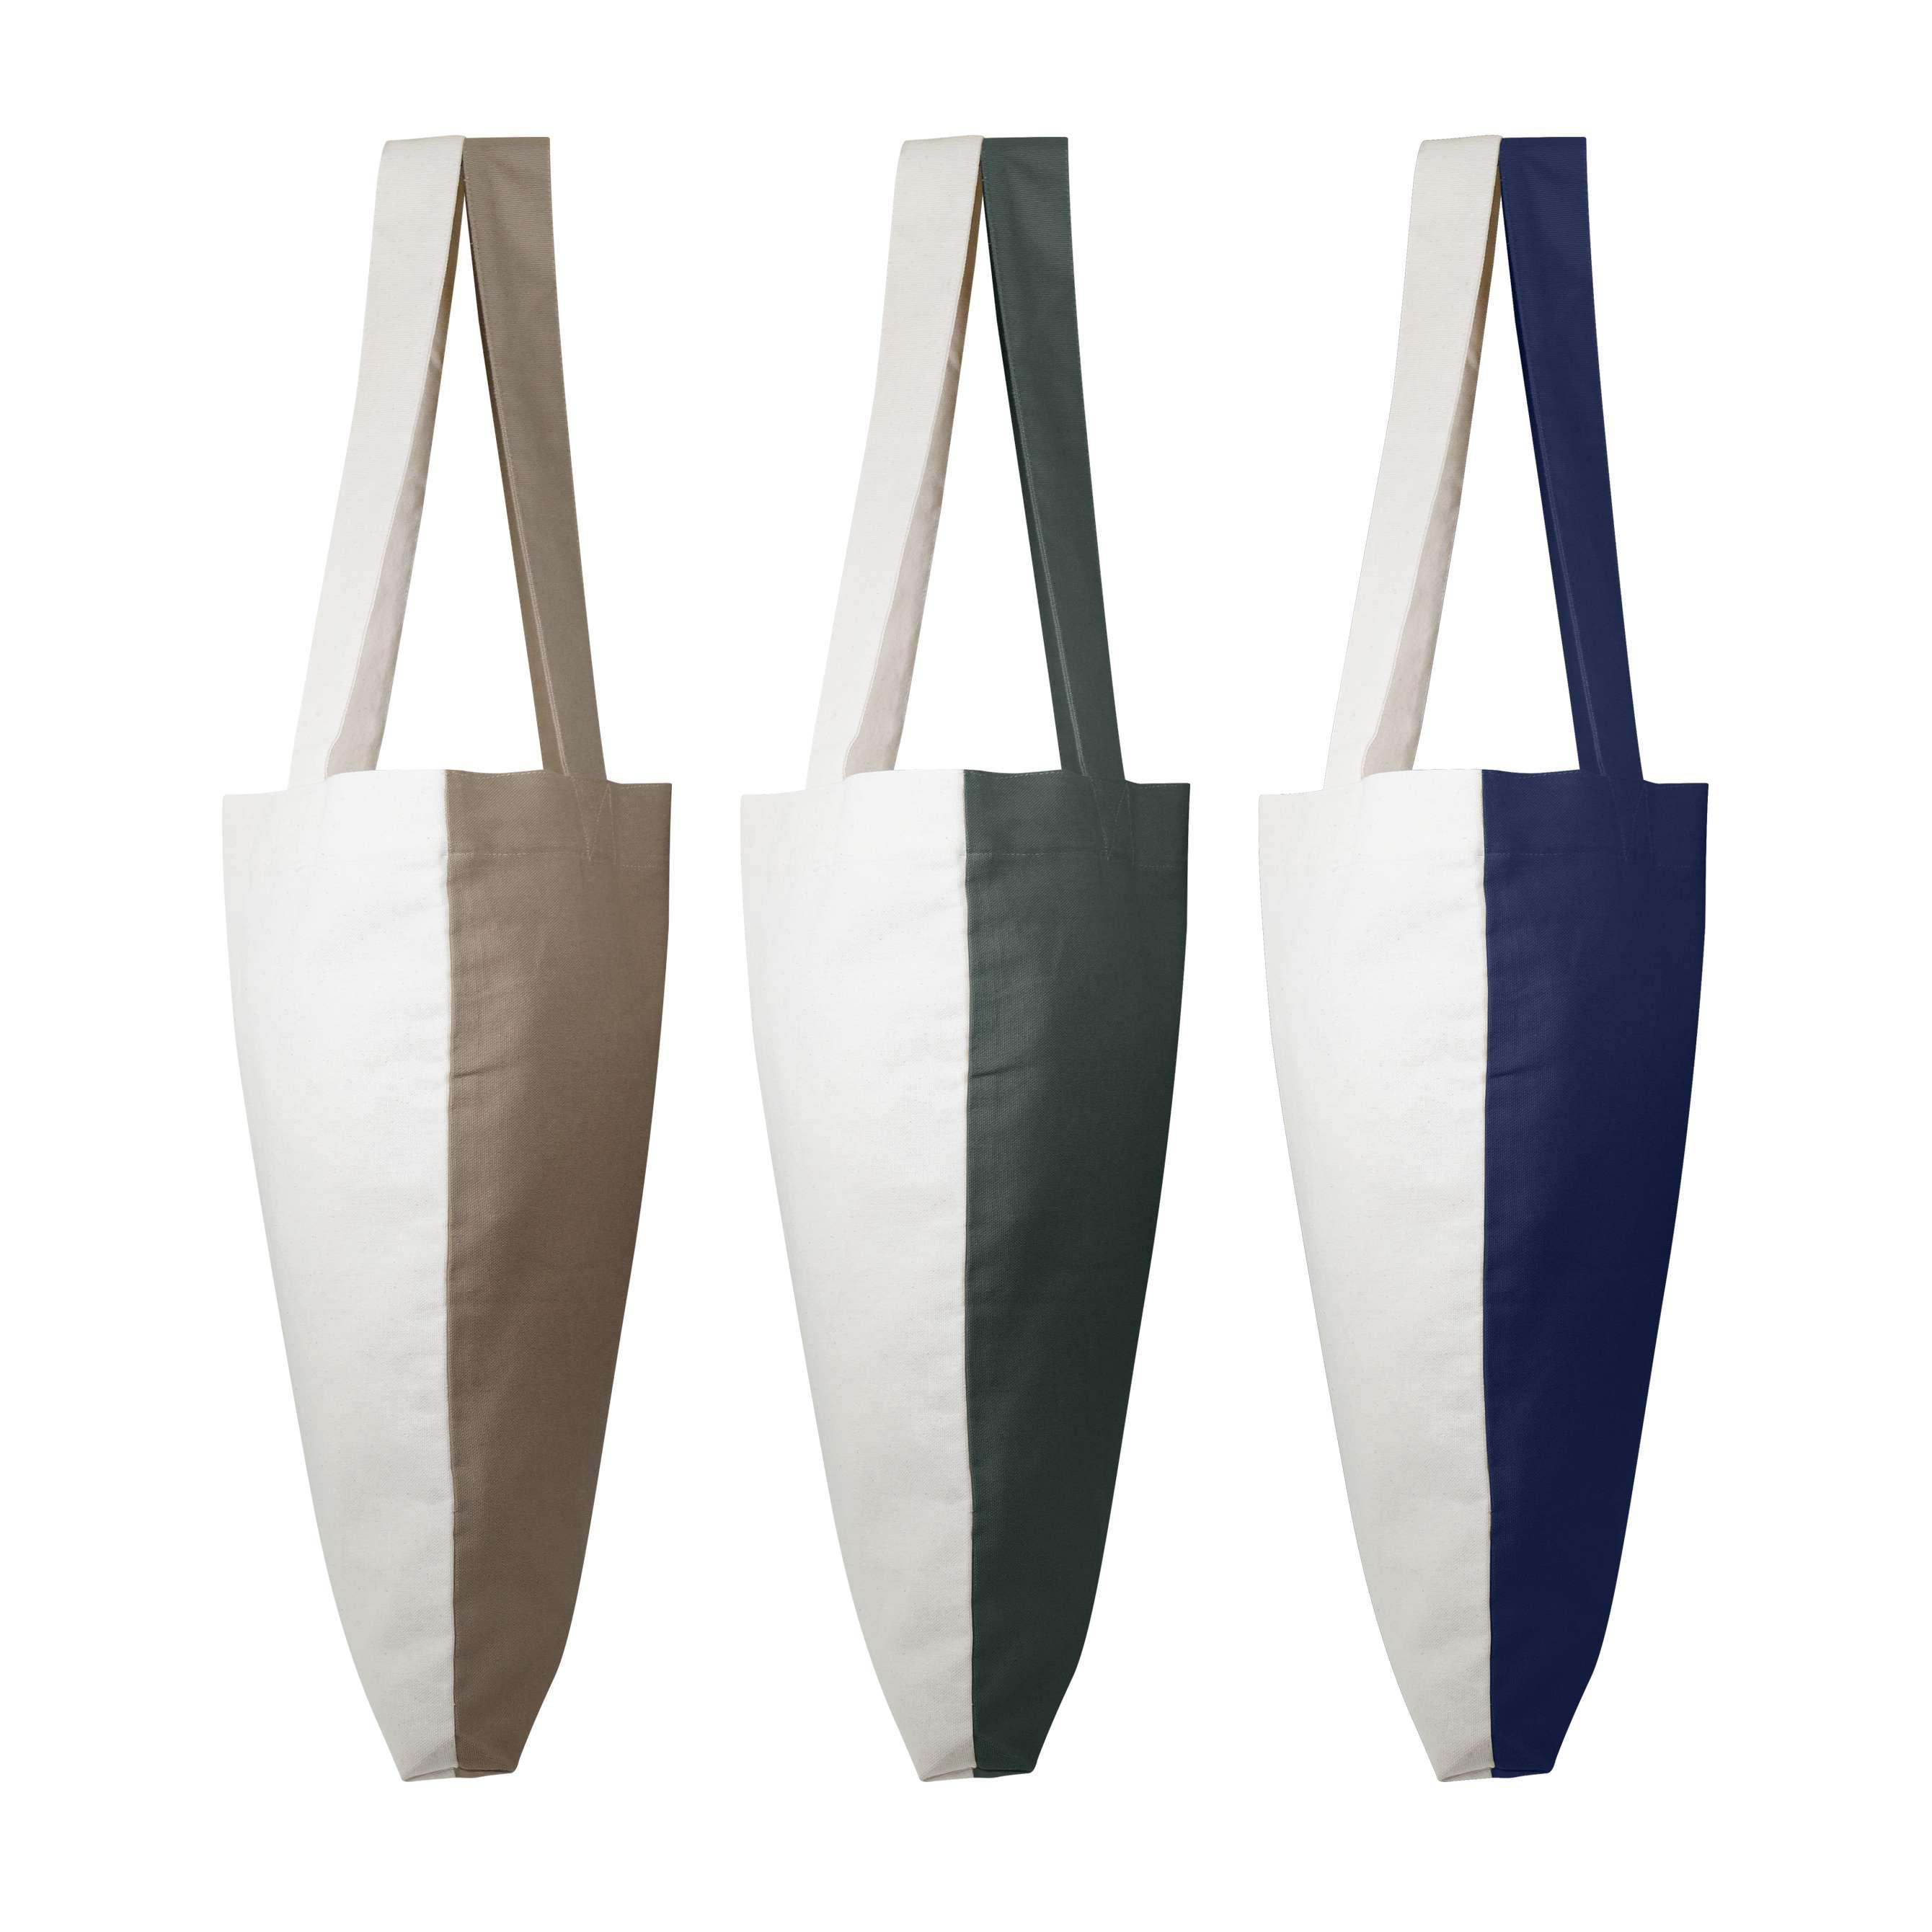 Sac shopping personnalisé écologique Visversa naturel/gris vert - tote-bag personnalisable